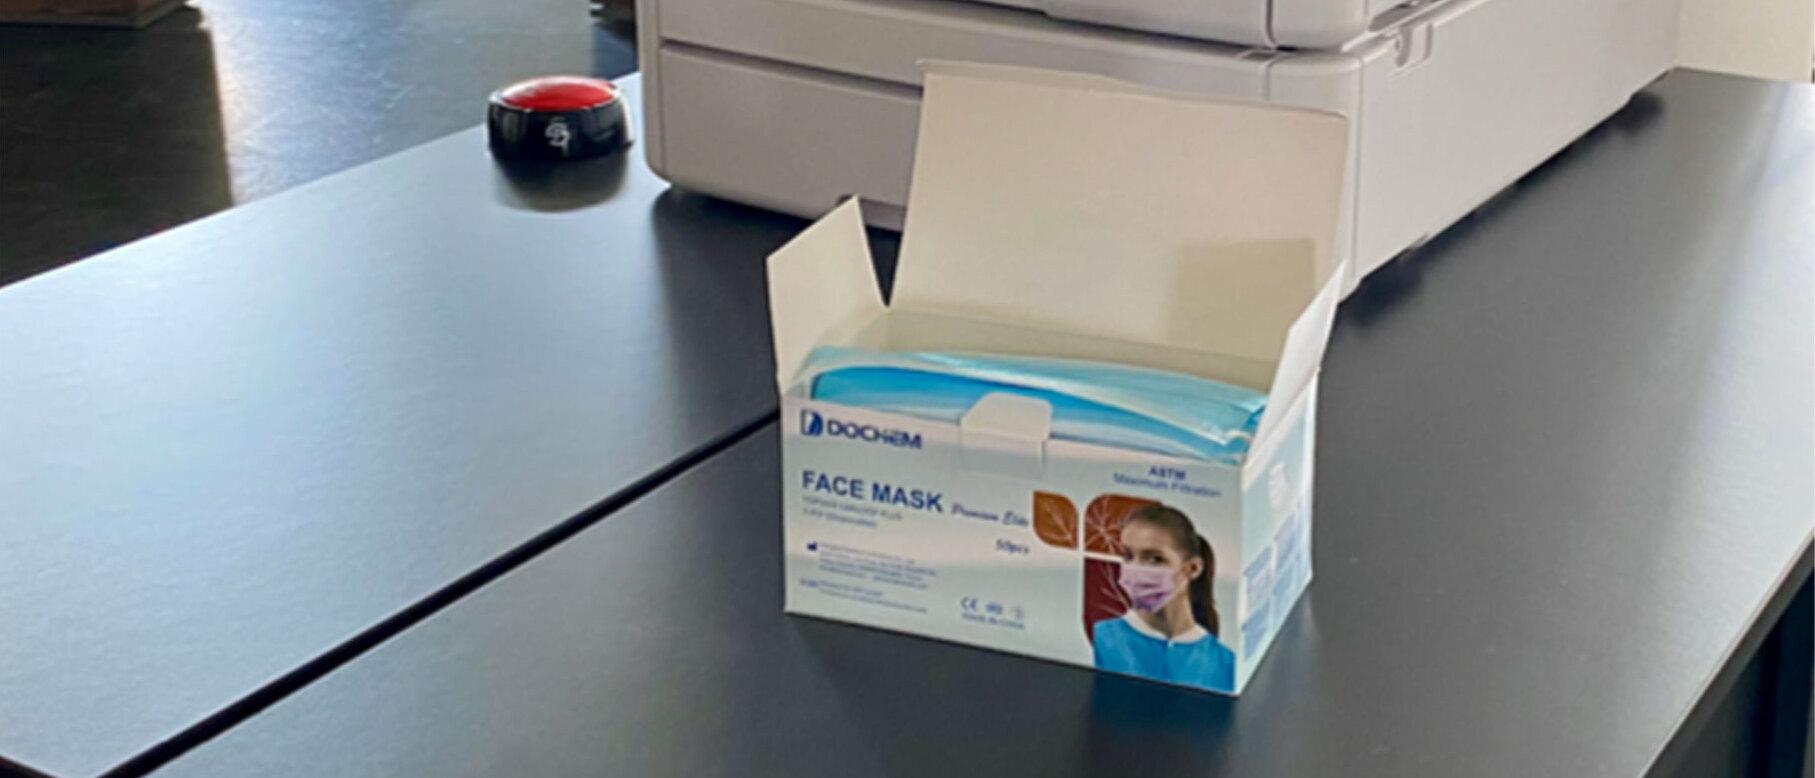 Der Einkauf besorgte Masken für alle Mitarbeiter